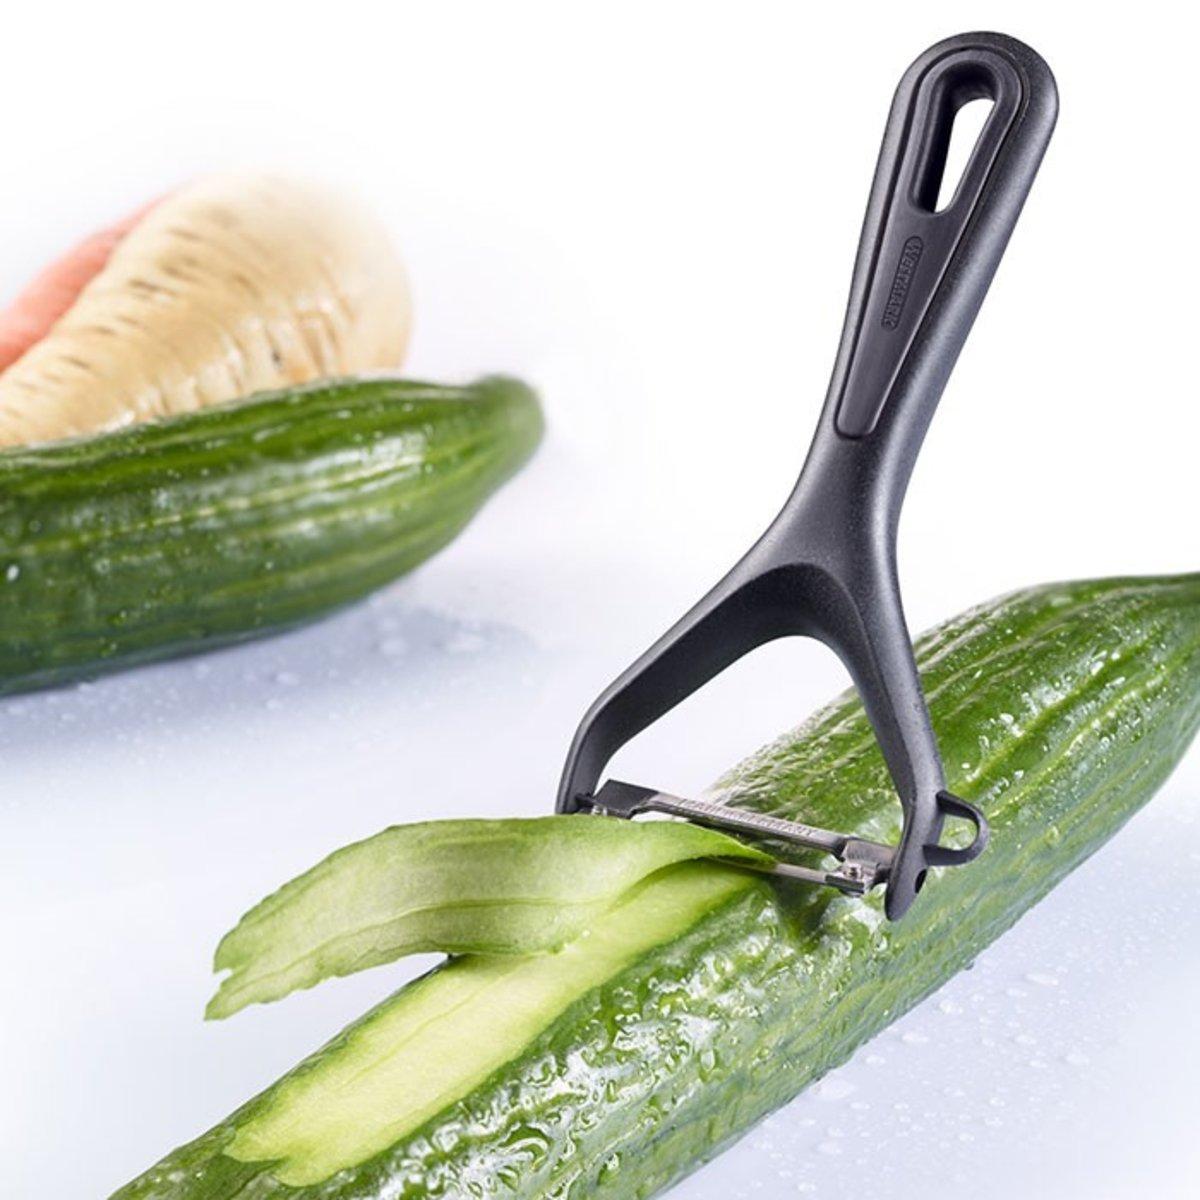 Vegetable peeler (Made in Germany)